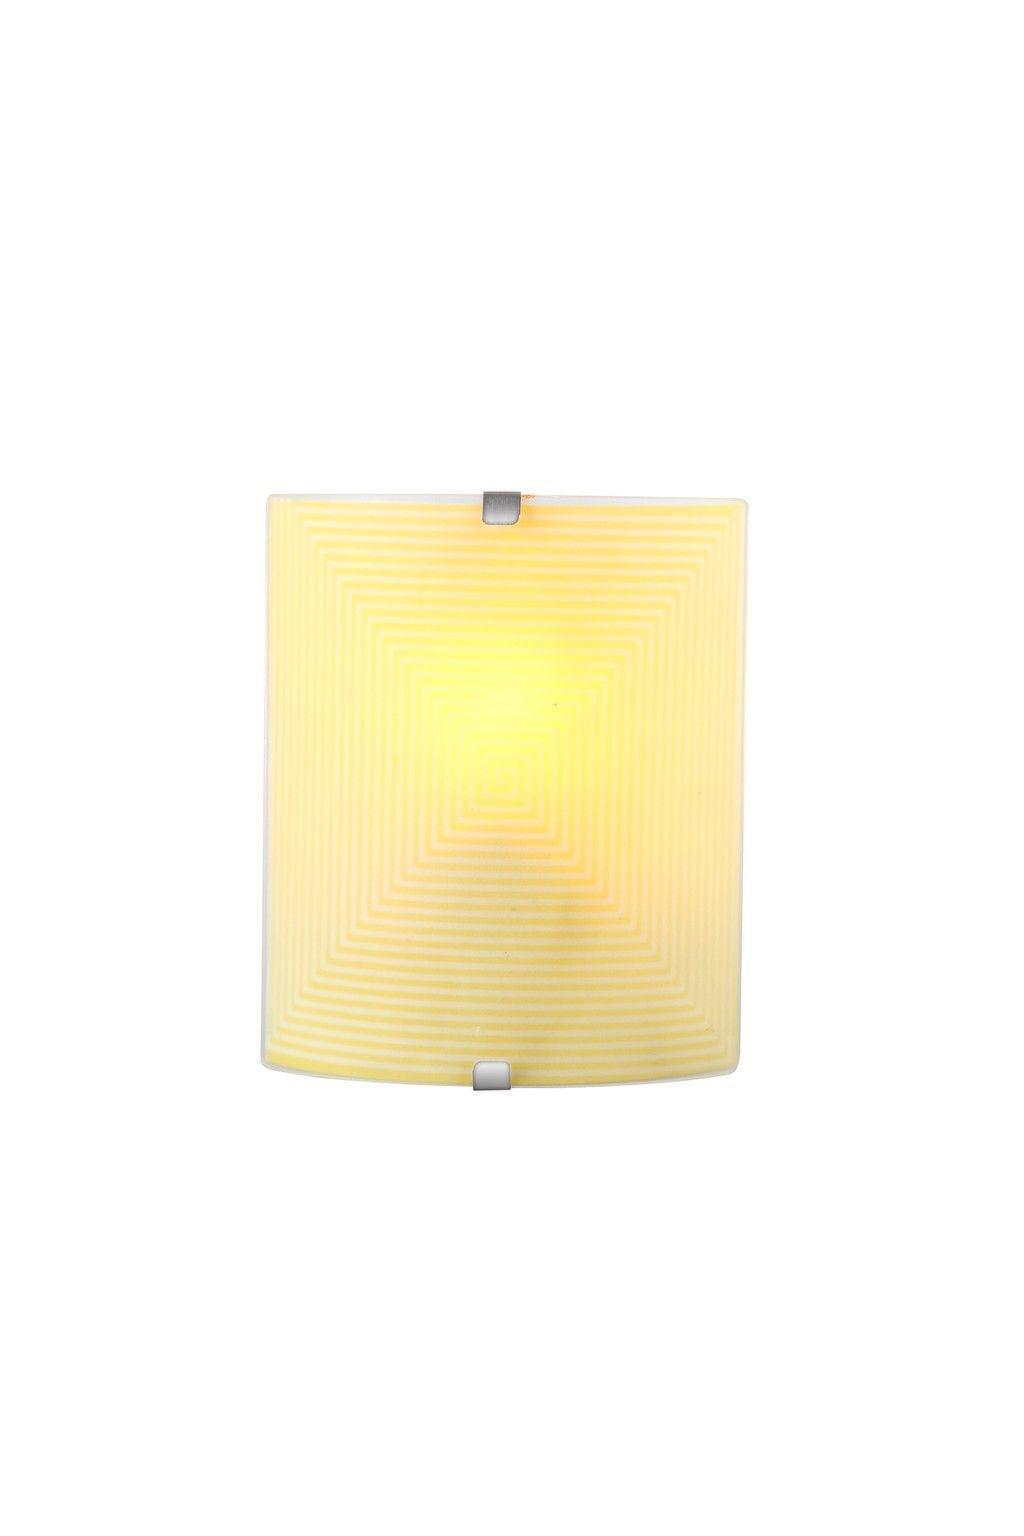 Фото товара A7222AP-1CC Arte Lamp